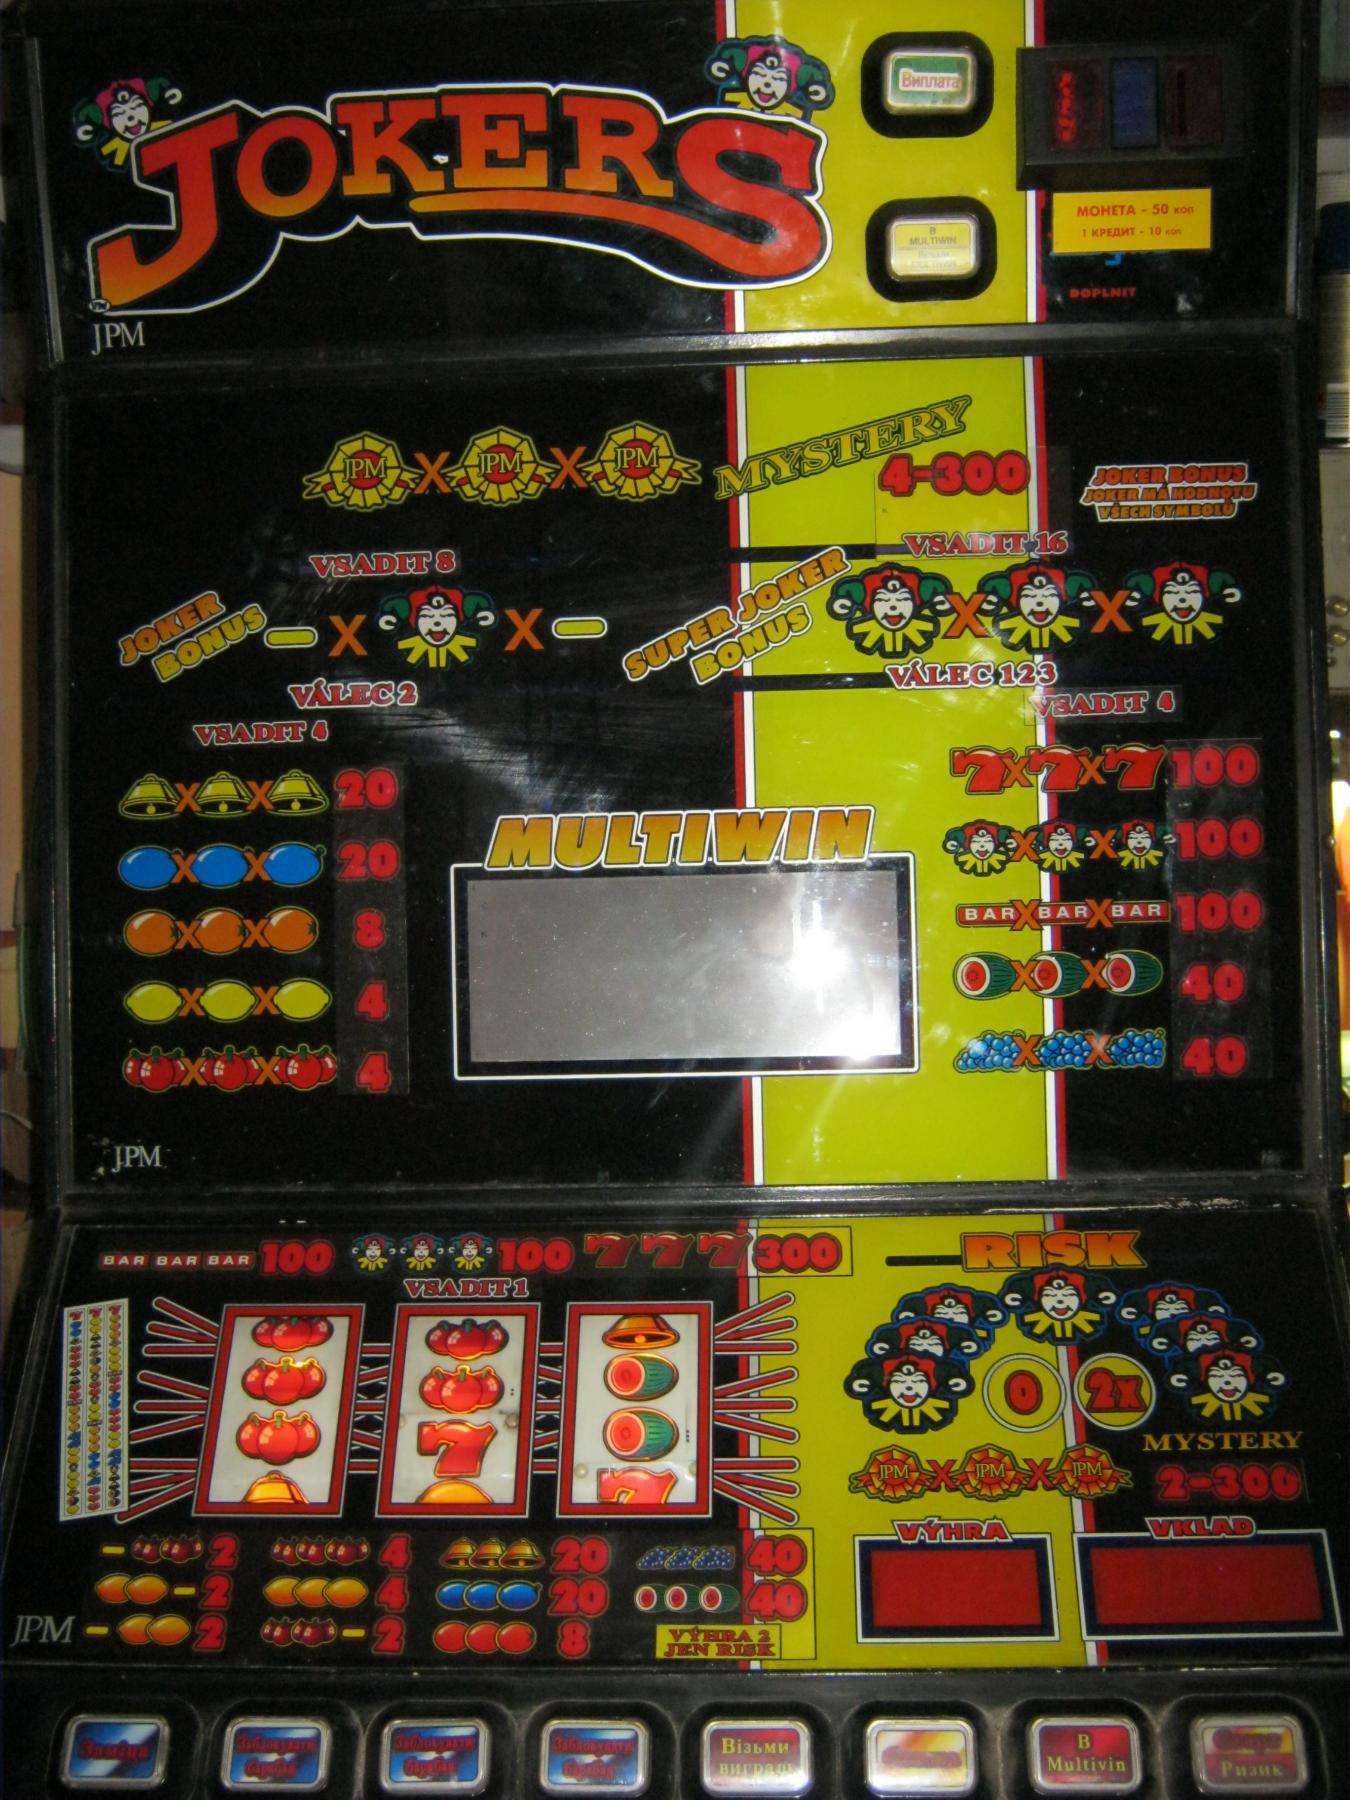 Jokers игровой автомат игровые автоматы слотомания 777